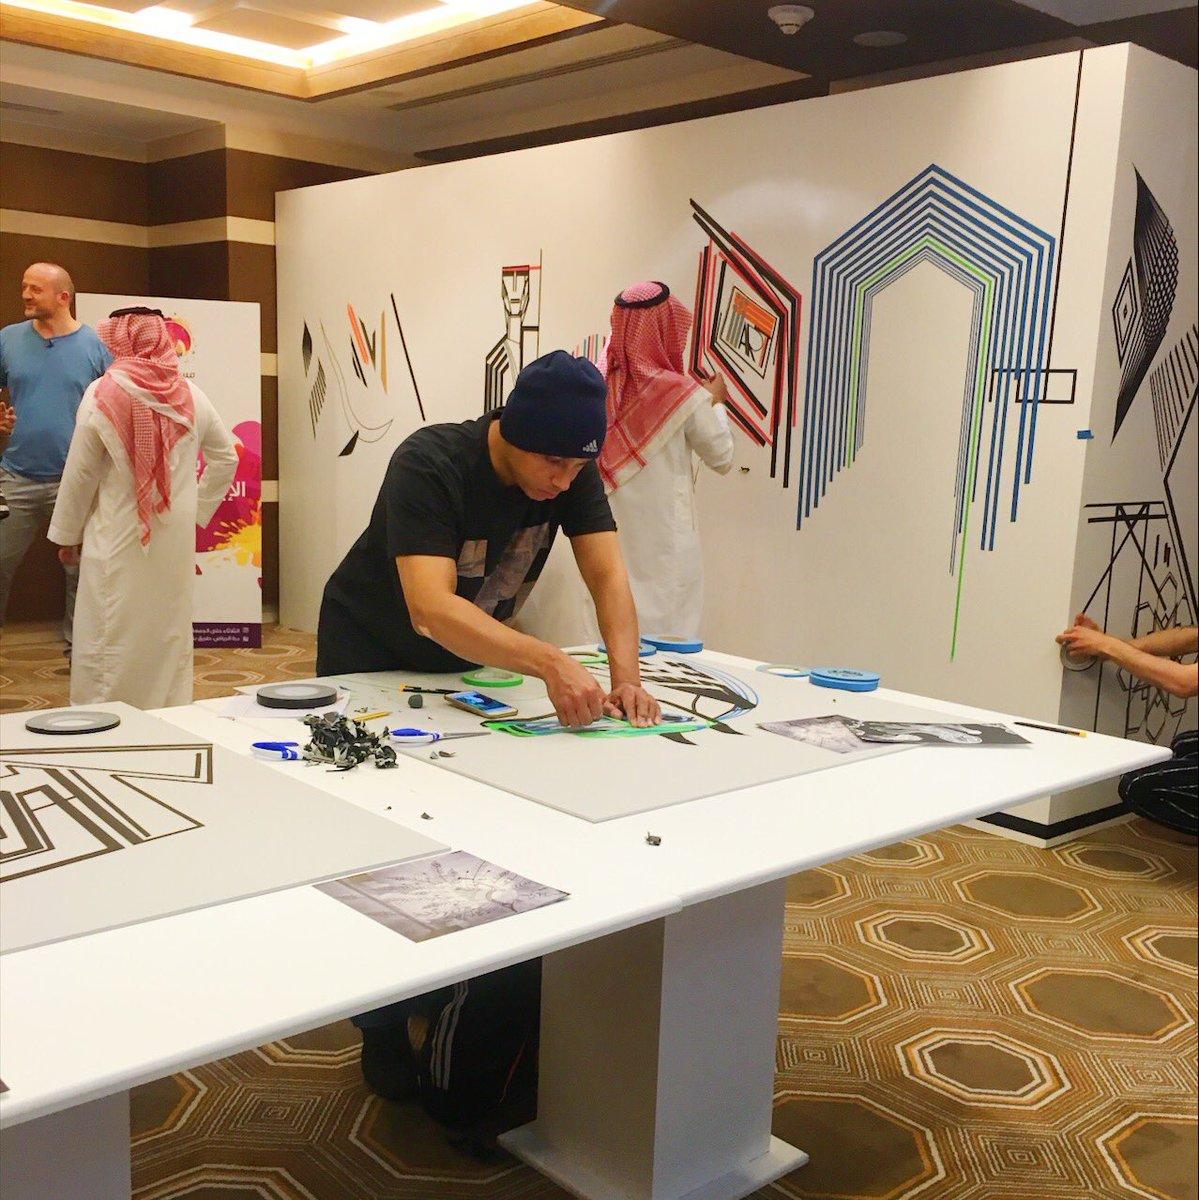 4 فنانين عالميين ذوي خبرة عالية، يشاركون 80 فناناً سعودياً، في أعمال ف...